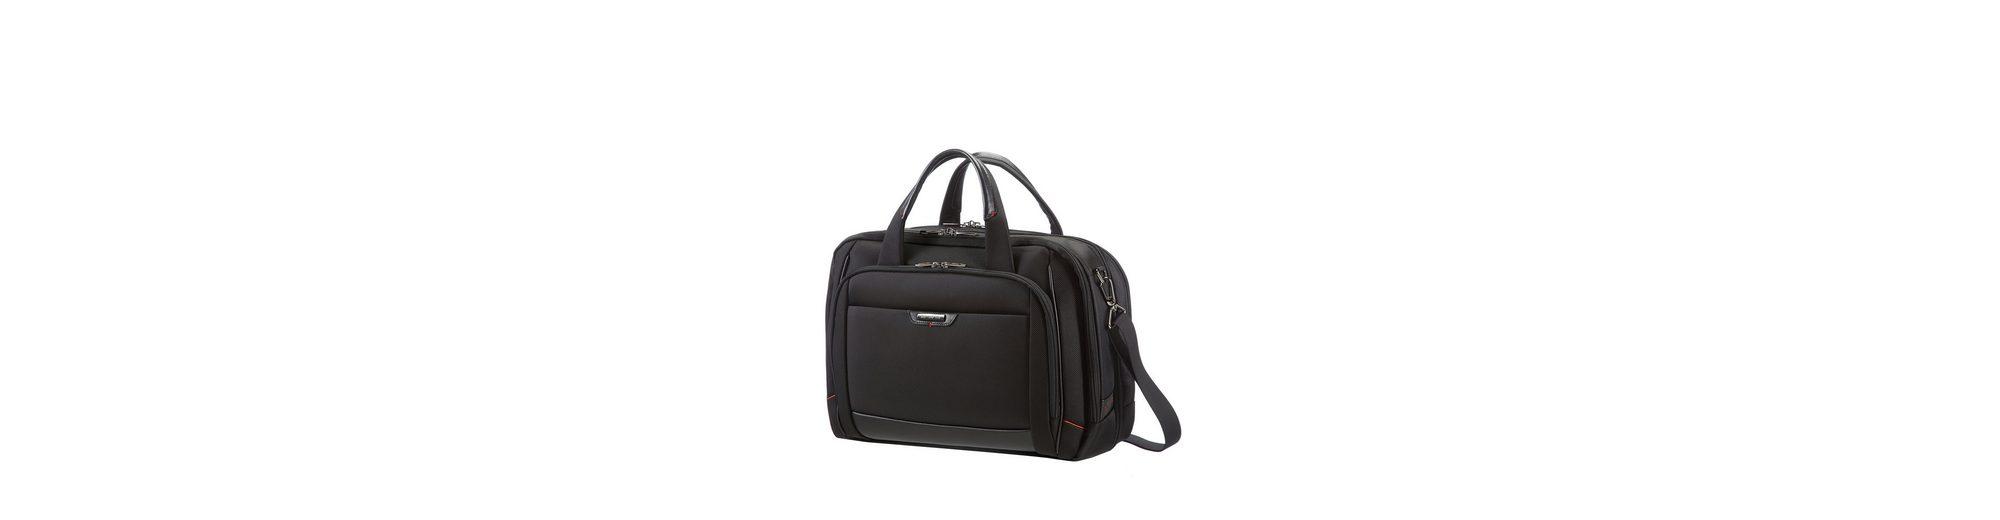 Samsonite Businesstasche mit Erweiterungsfunktion, Tablet- und 16-Zoll Laptopfach, »Pro-DLX 4««